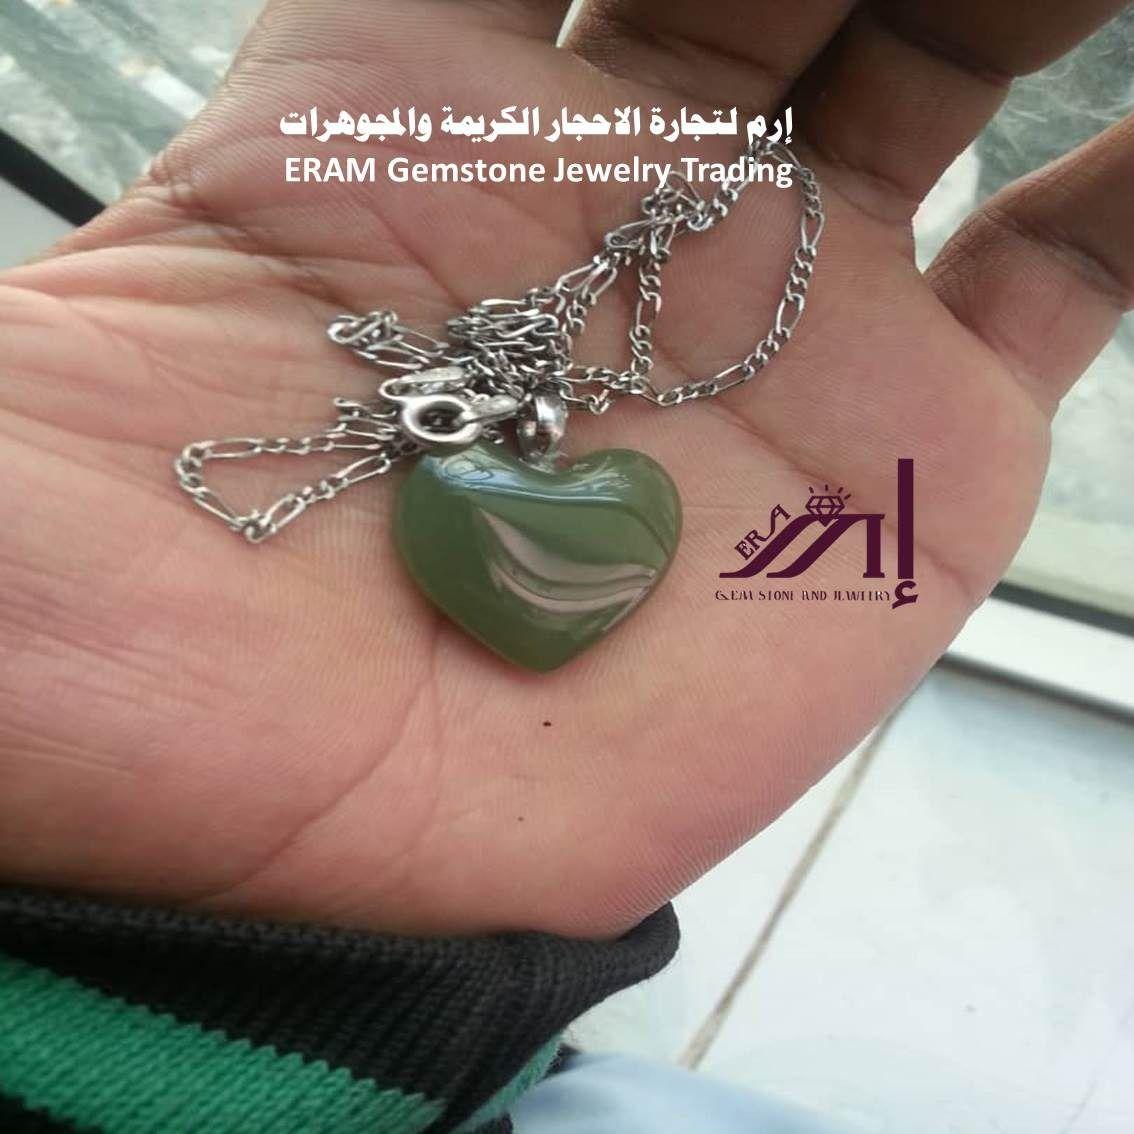 اناقتك تكعس شخصيتك اقتني اجمل قلادة نسائي حاد يمني Jade طبيعي 100 Gemstone Jewelry Jewelry Gemstones